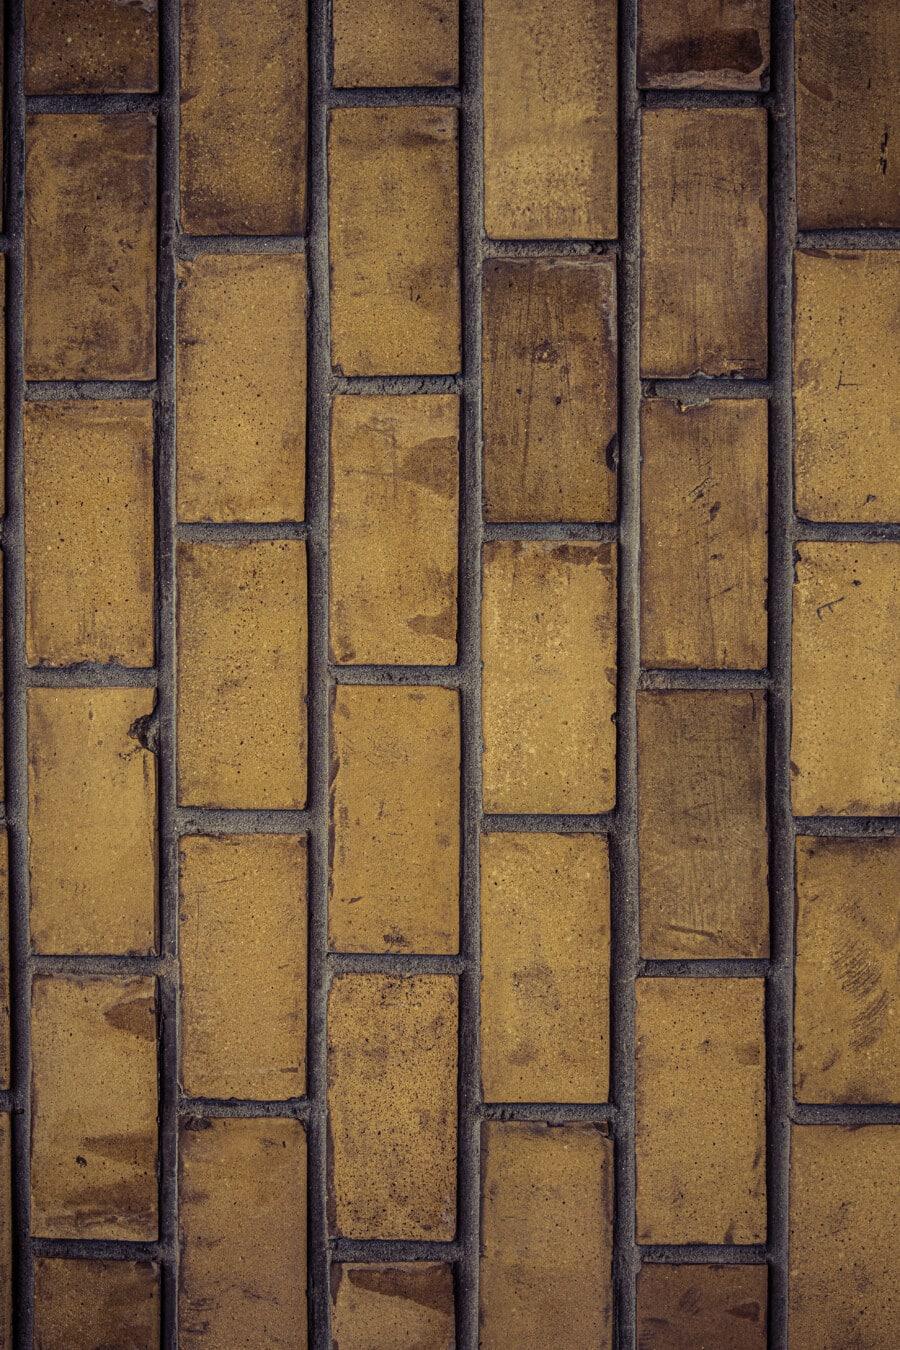 vertikale, Ziegel, Wand, Jahrgang, Muster, Mauerwerk, alten Stil, Zement, Mörtel, Textur